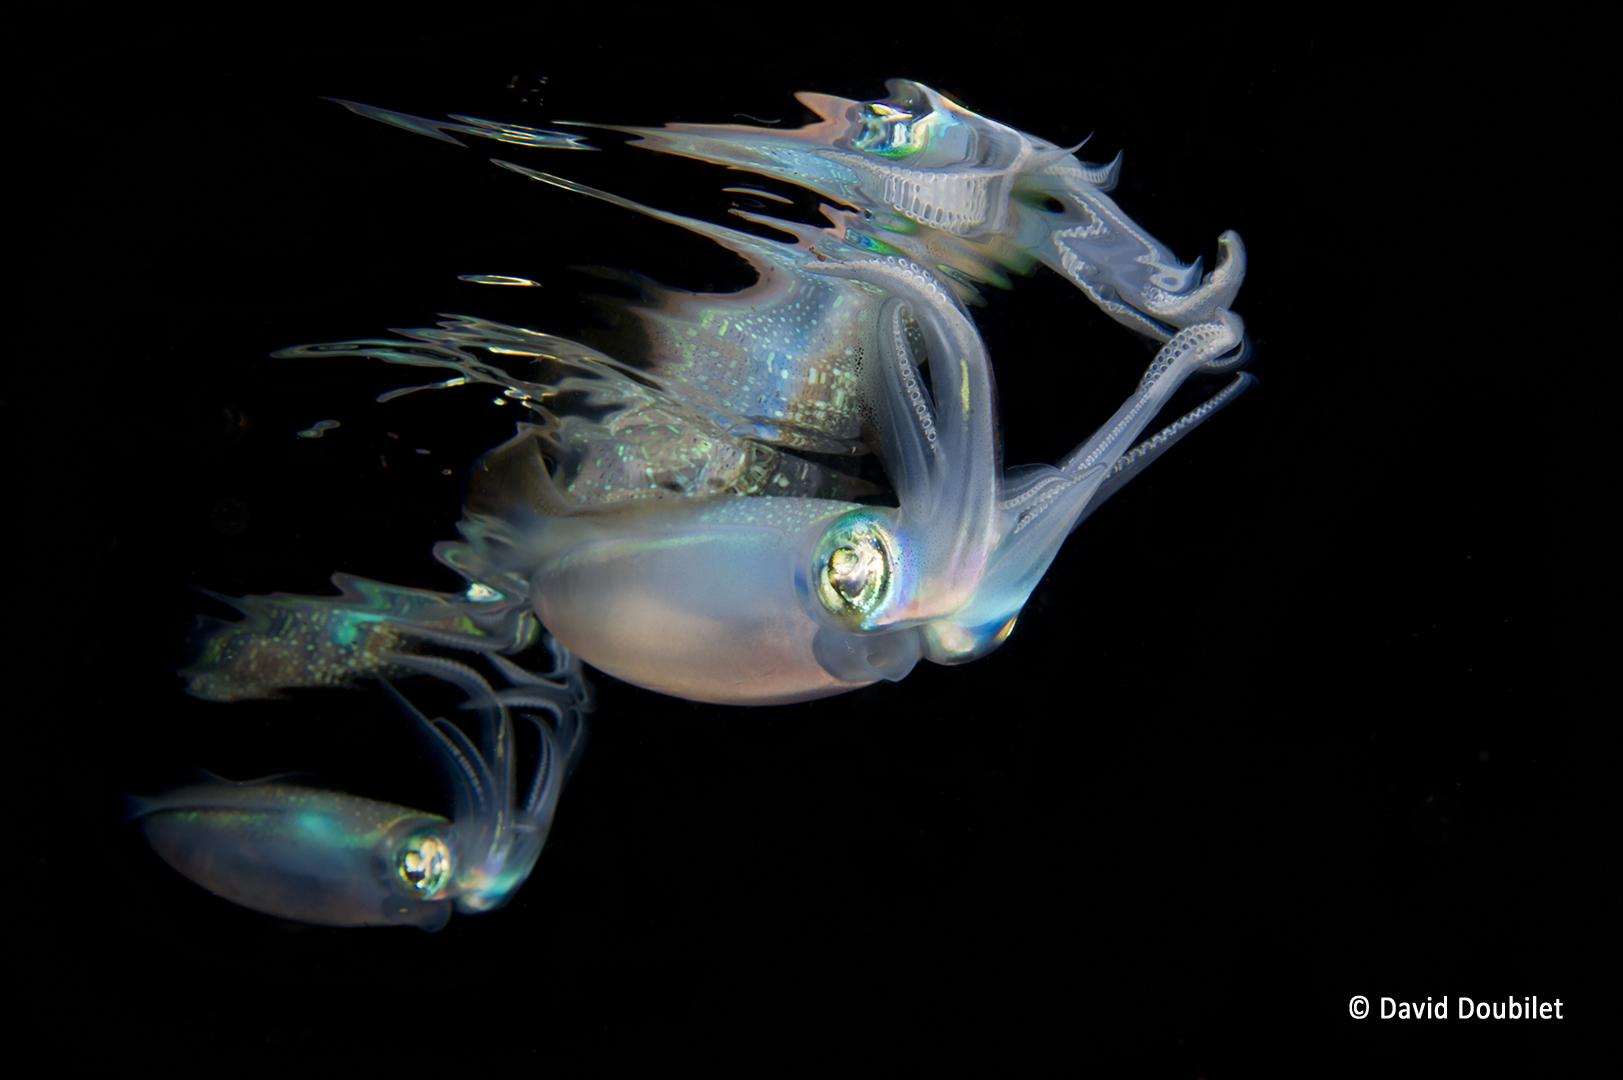 Réalité ou reflet. Deux calamars de récifs patrouillent sous la surface de la mer dans la baie de Kimbe, en Papouasie-Nouvelle-Guinée. Comme un miroir, le reflet de leur image confond leur proie. Où est la réalité ? Où est le reflet ?